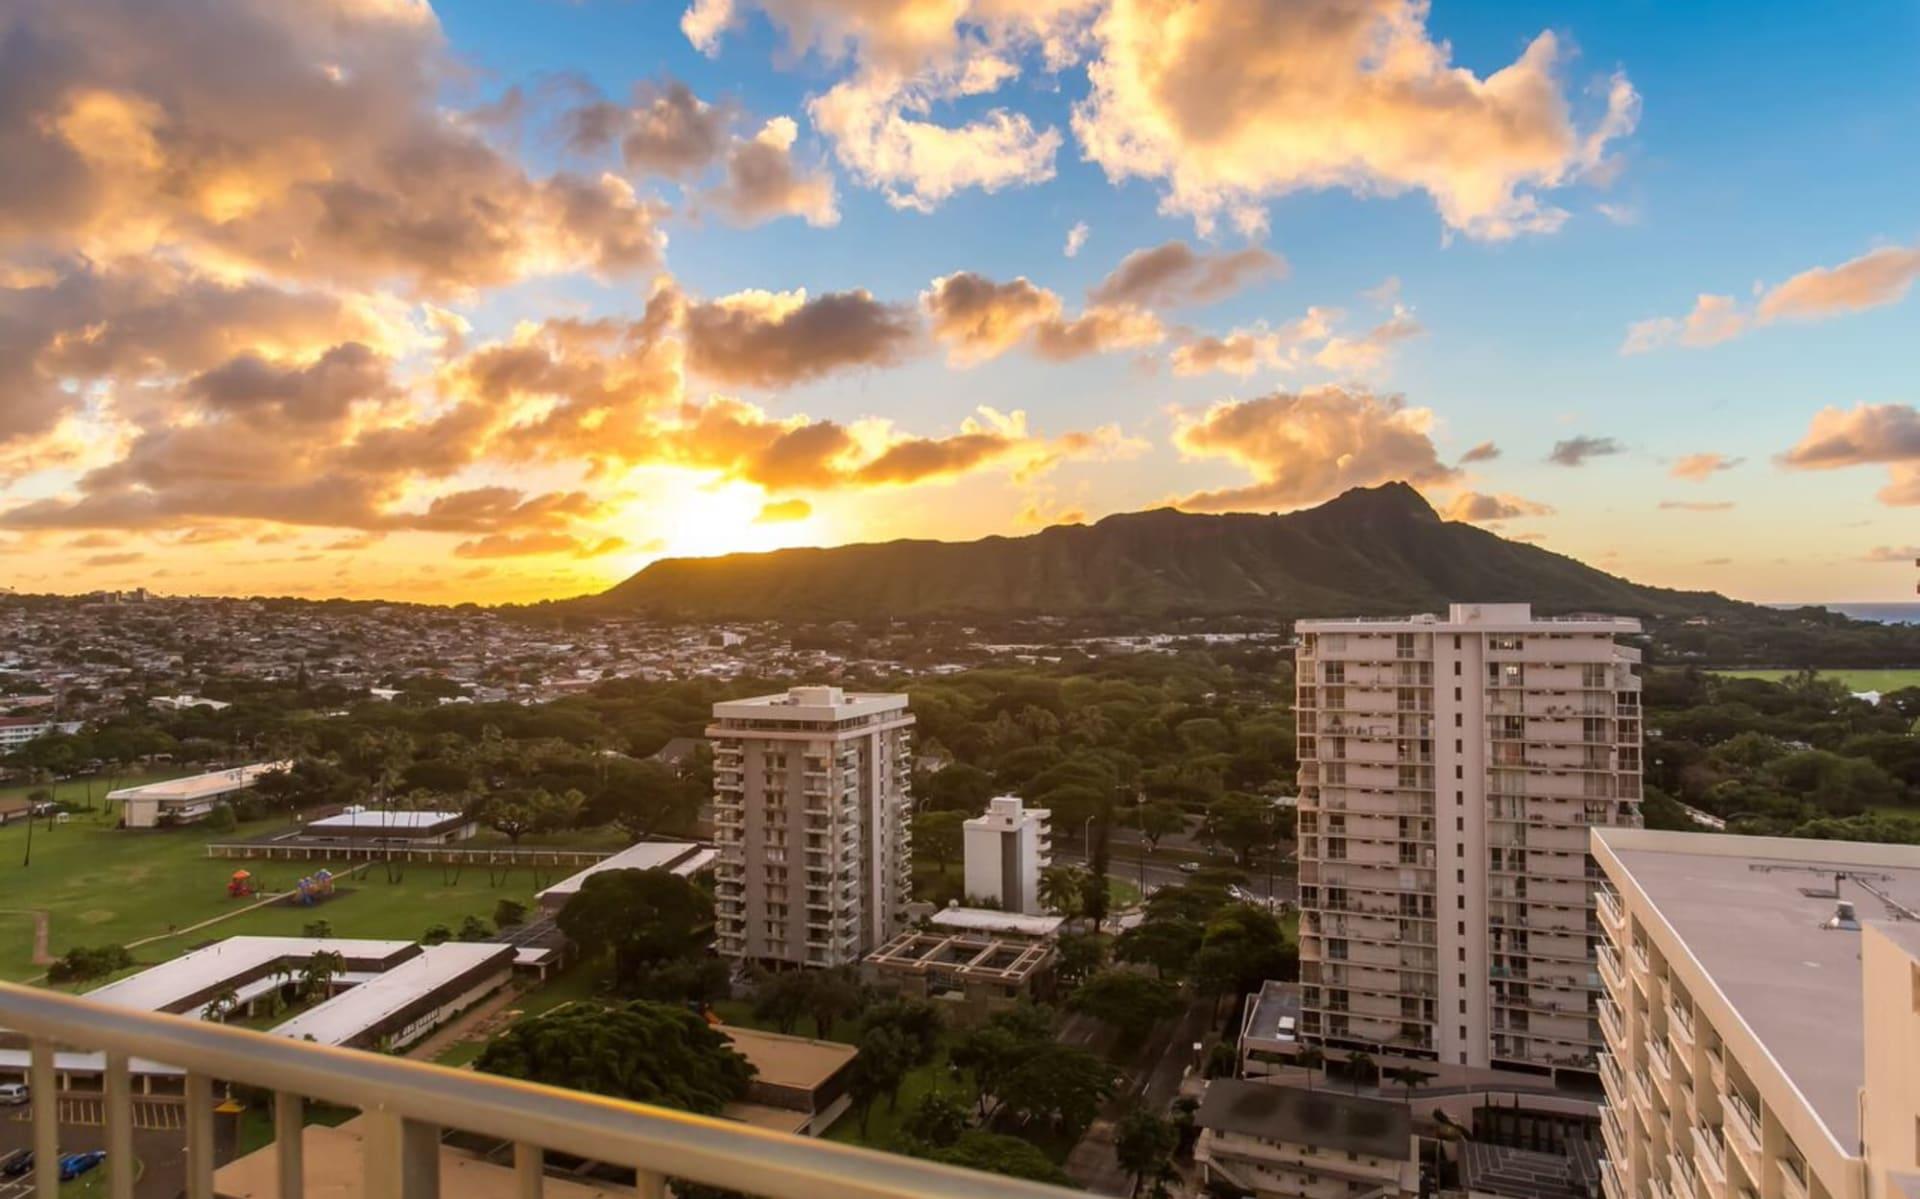 Hyatt Place Waikiki Beach in Honolulu - Oahu: Exterior_Hyatt Place Waikiki Beach_Aussenansicht 1_ATI